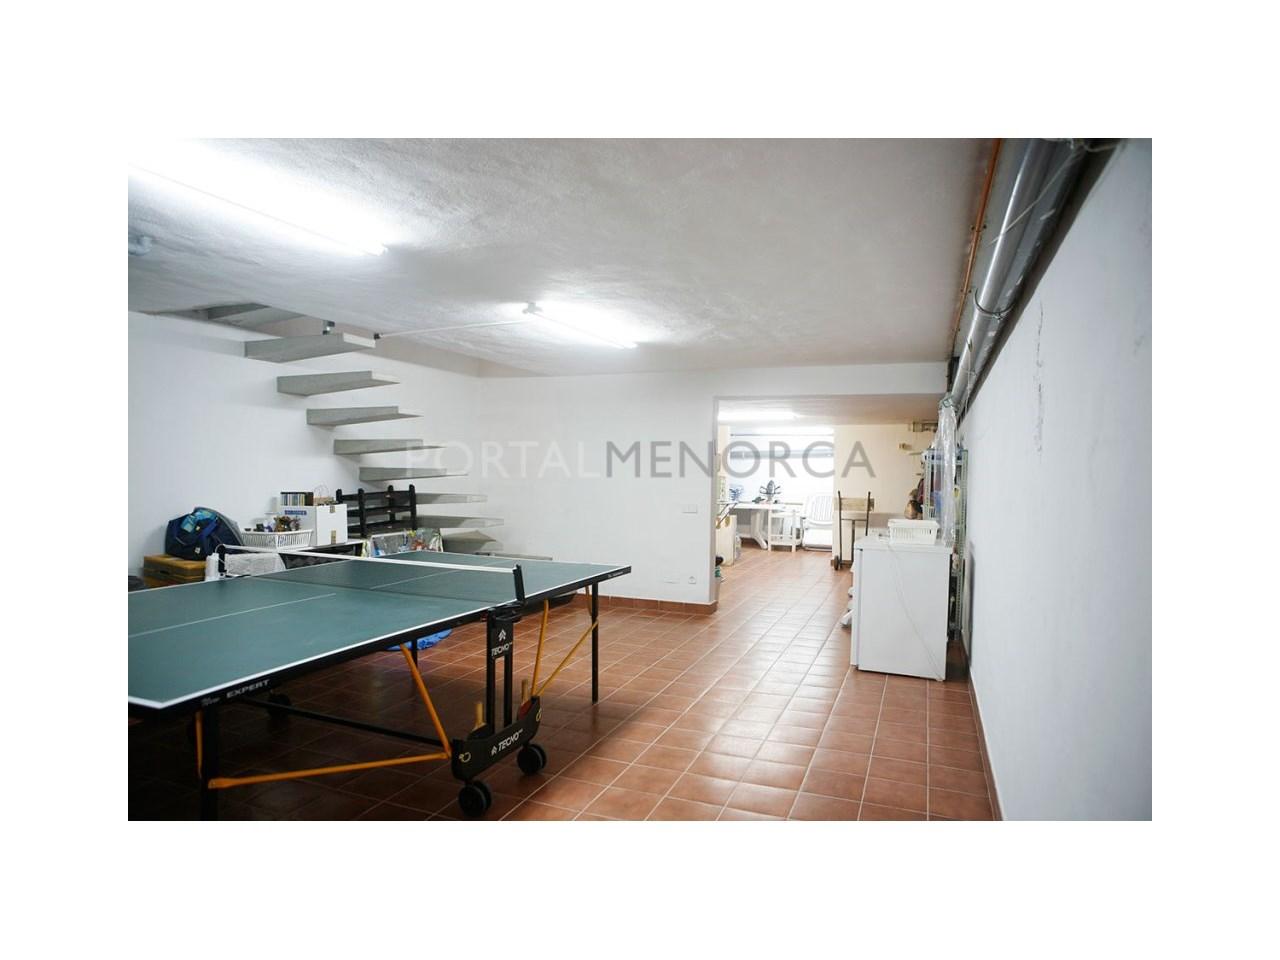 Casa-Menorca-Sotano